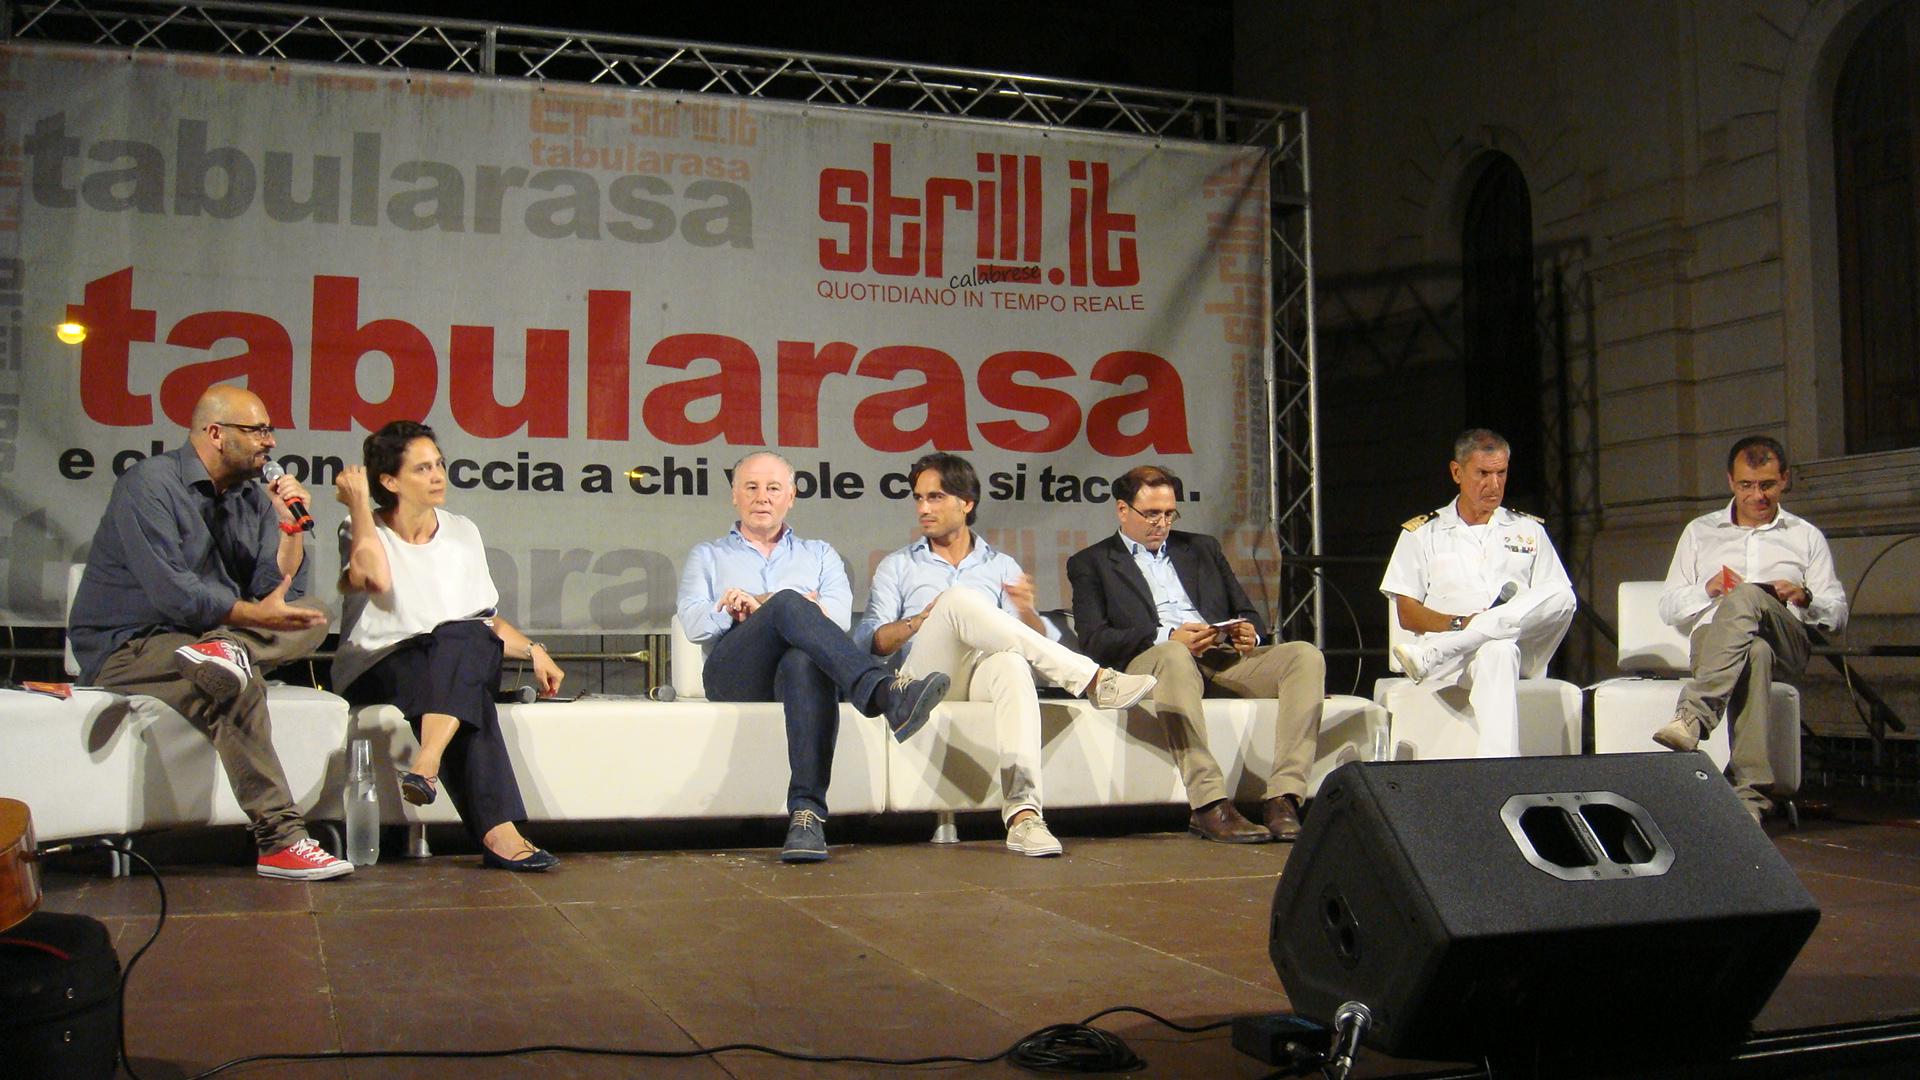 Tabularasa 2015 - da SX Raffaele Mortelliti, Ilaria Bonaccorsi, Giuseppe Raffa, Giuseppe Falcomatà, Antonio Messina, Andrea Agostinelli, Giusva Branca (2)